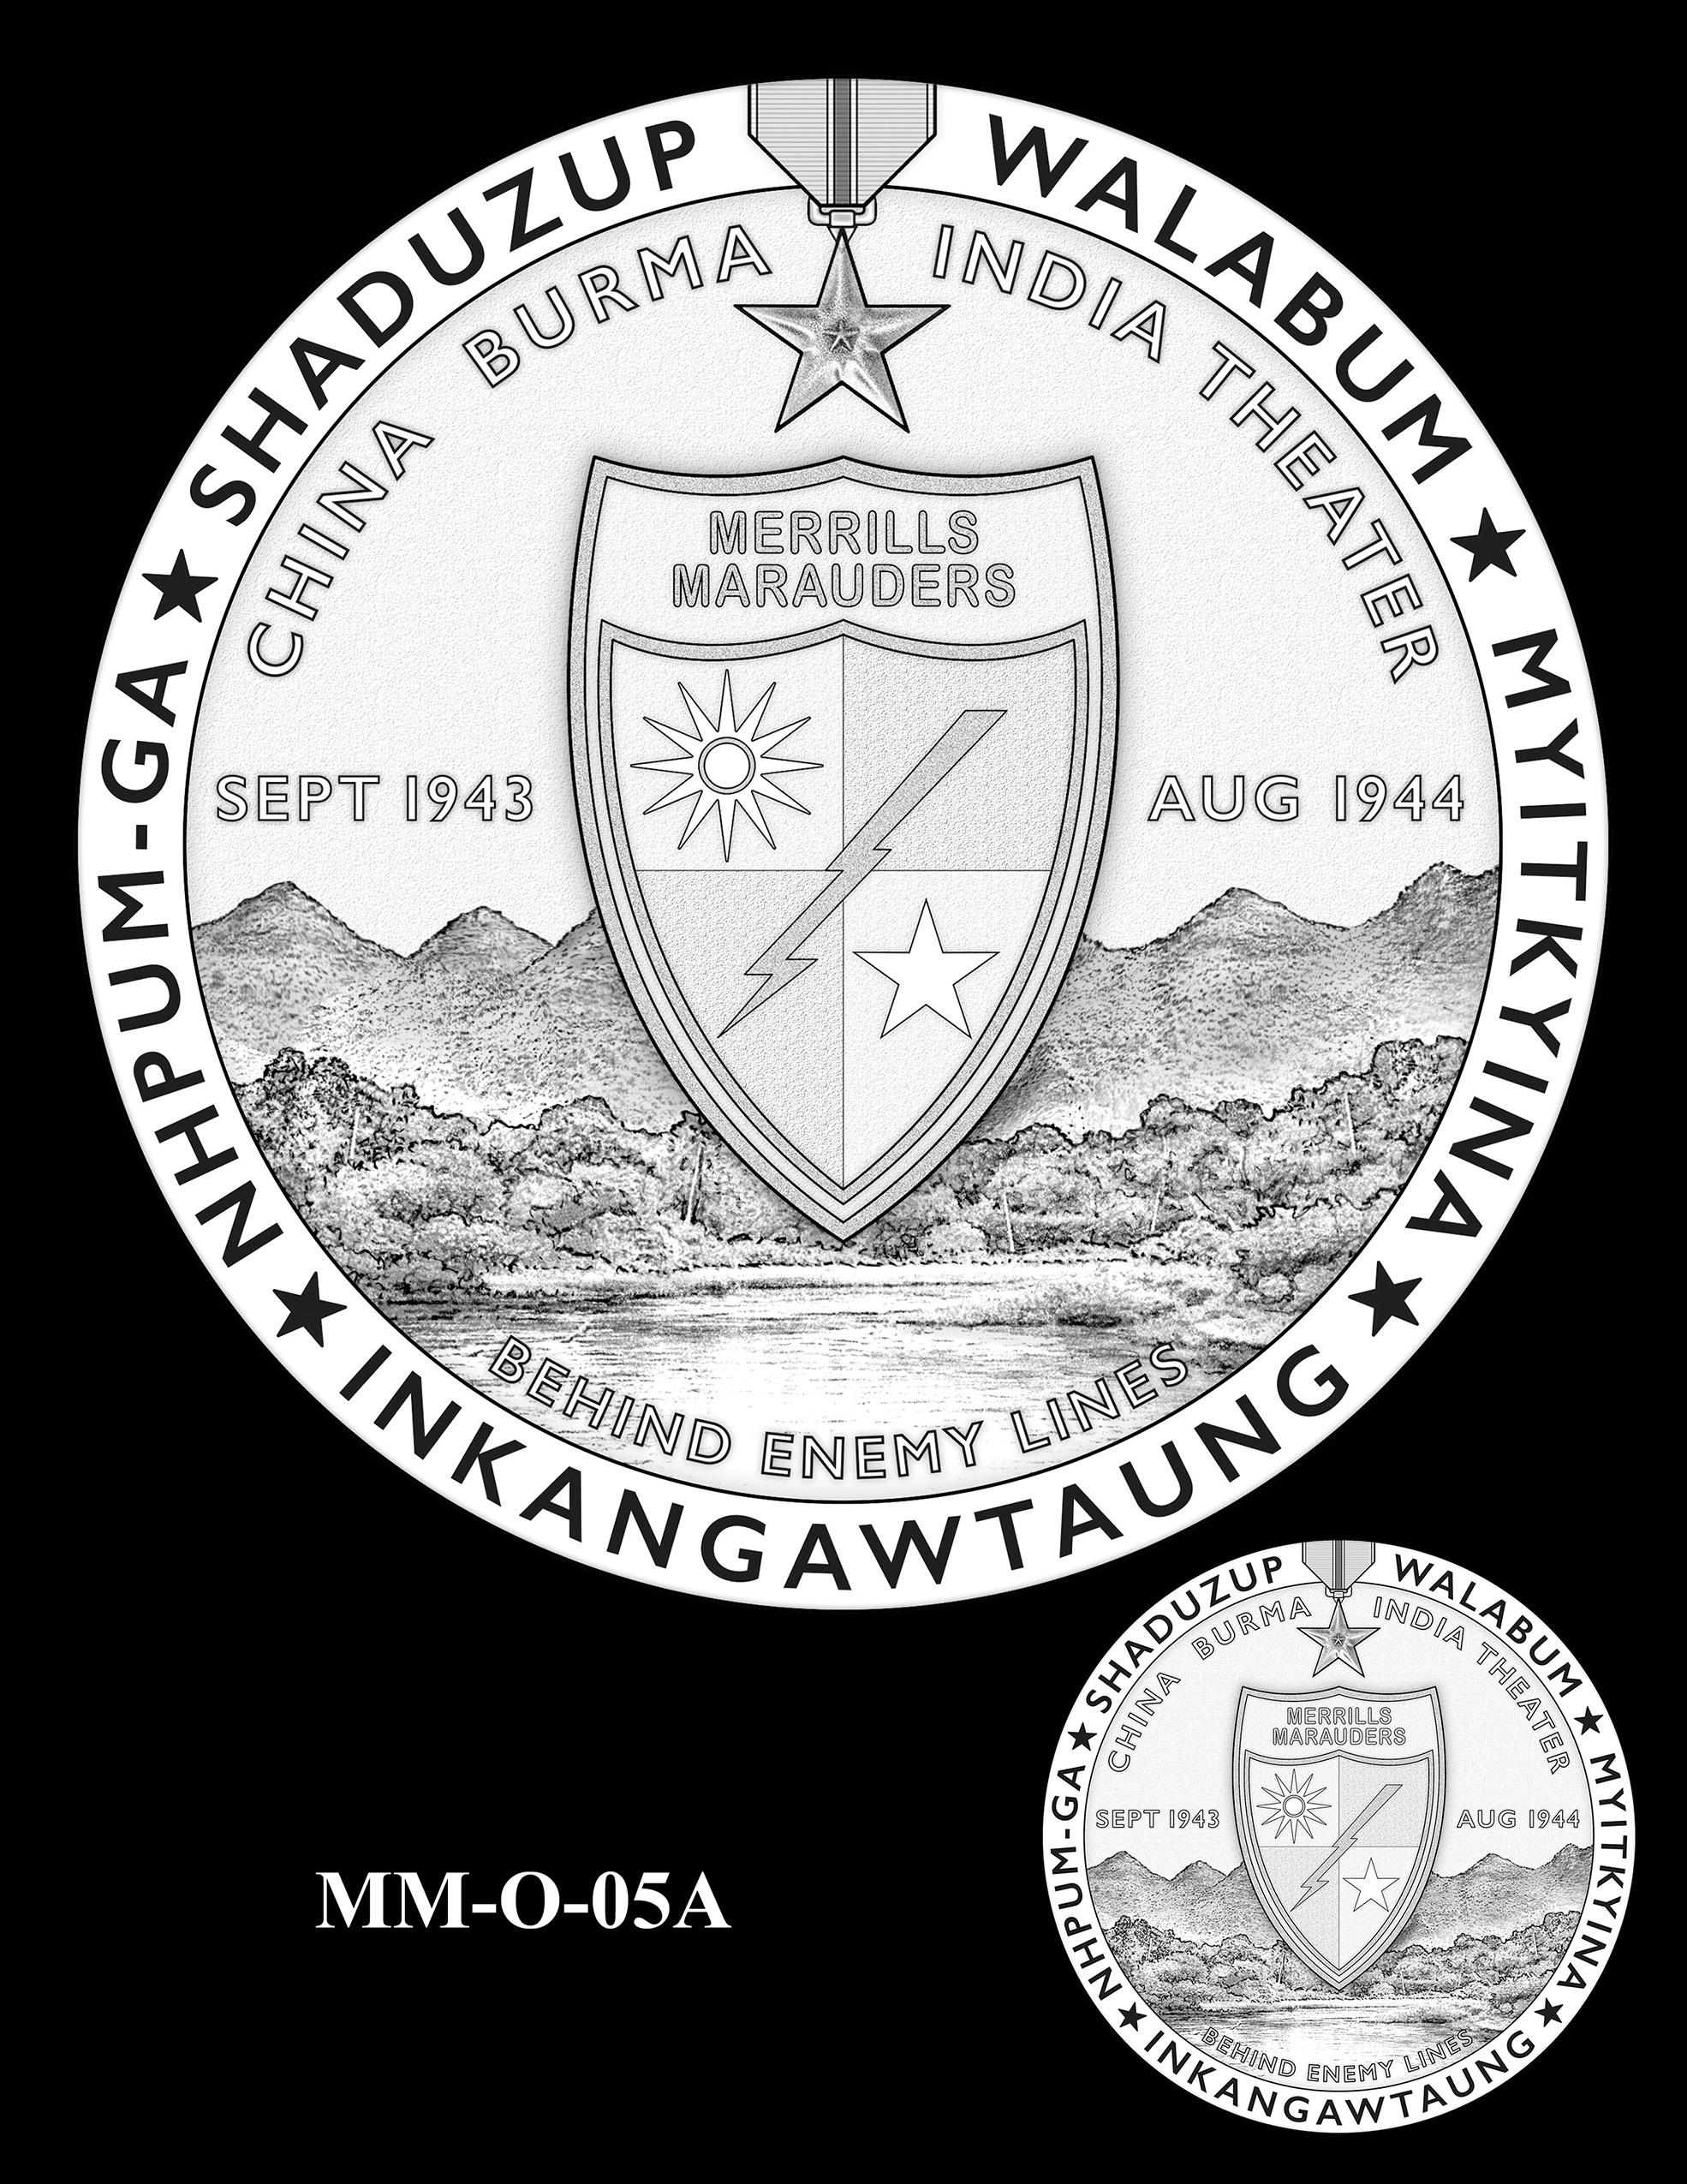 MM-O-05A -- Merrill's Marauders Congressional Gold Medal